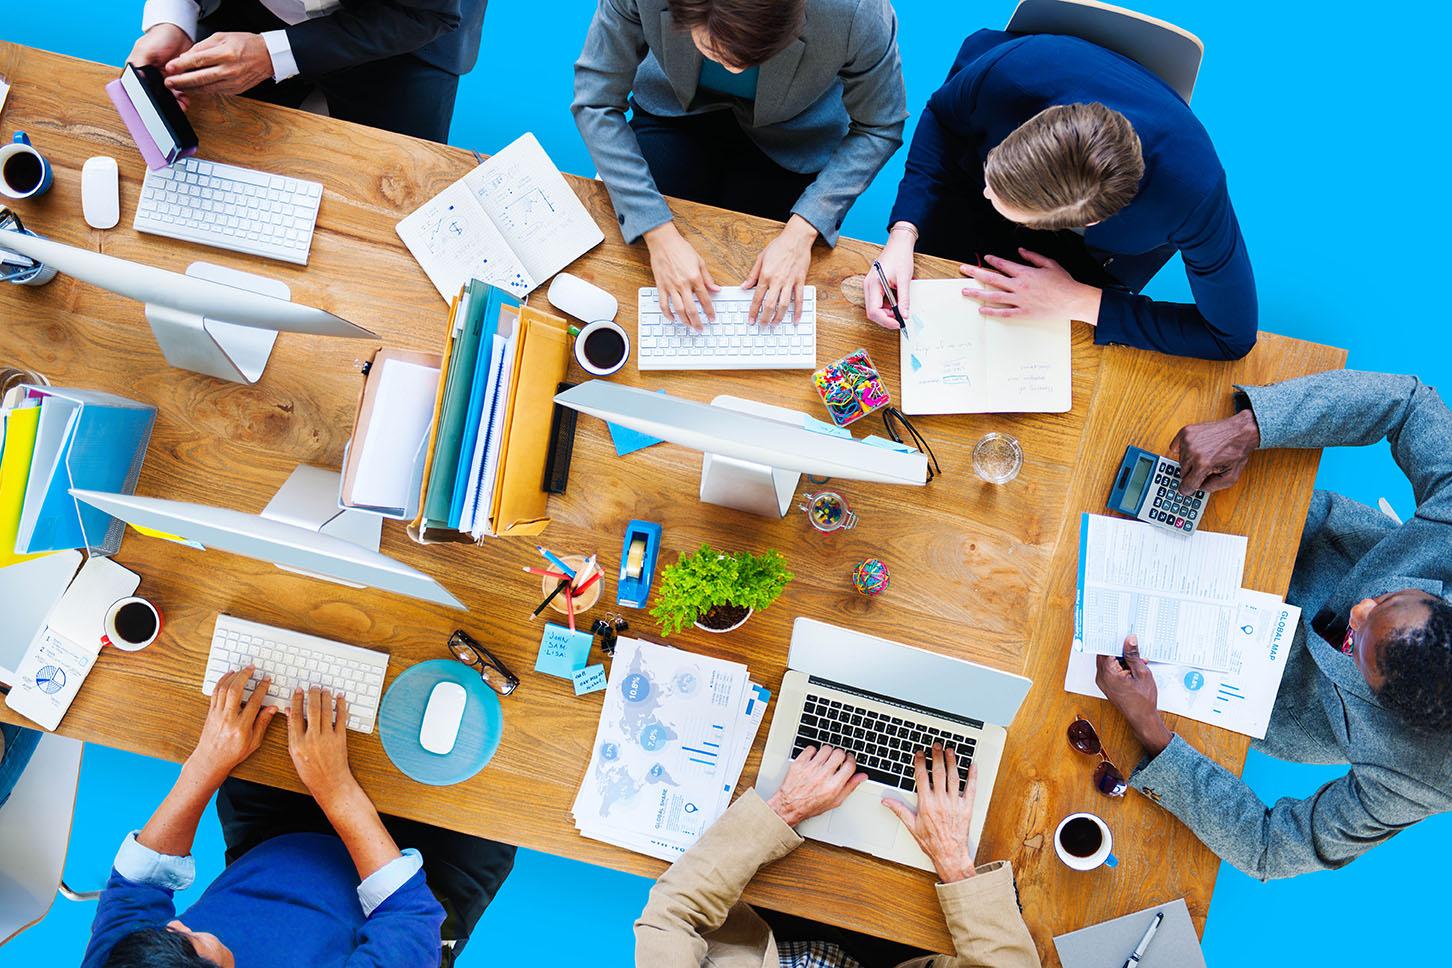 Wilt u meedenken & -ontwikkelen aan lesmateriaal voor kleinere opleidingen?